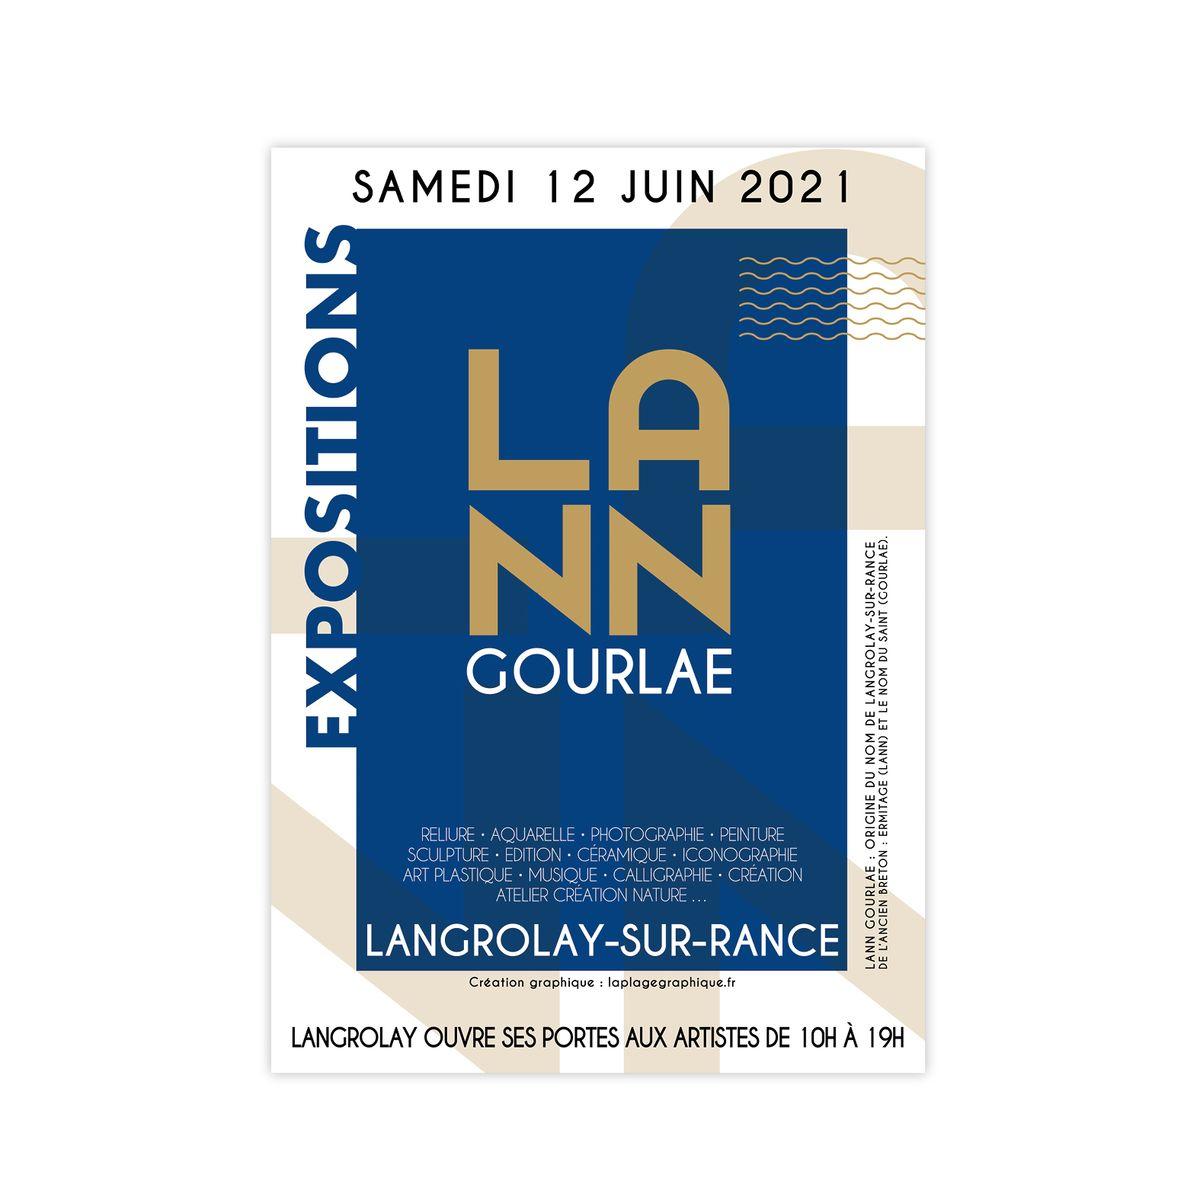 LANN GOURLAE à Langrolay-sur-Rance : création graphique